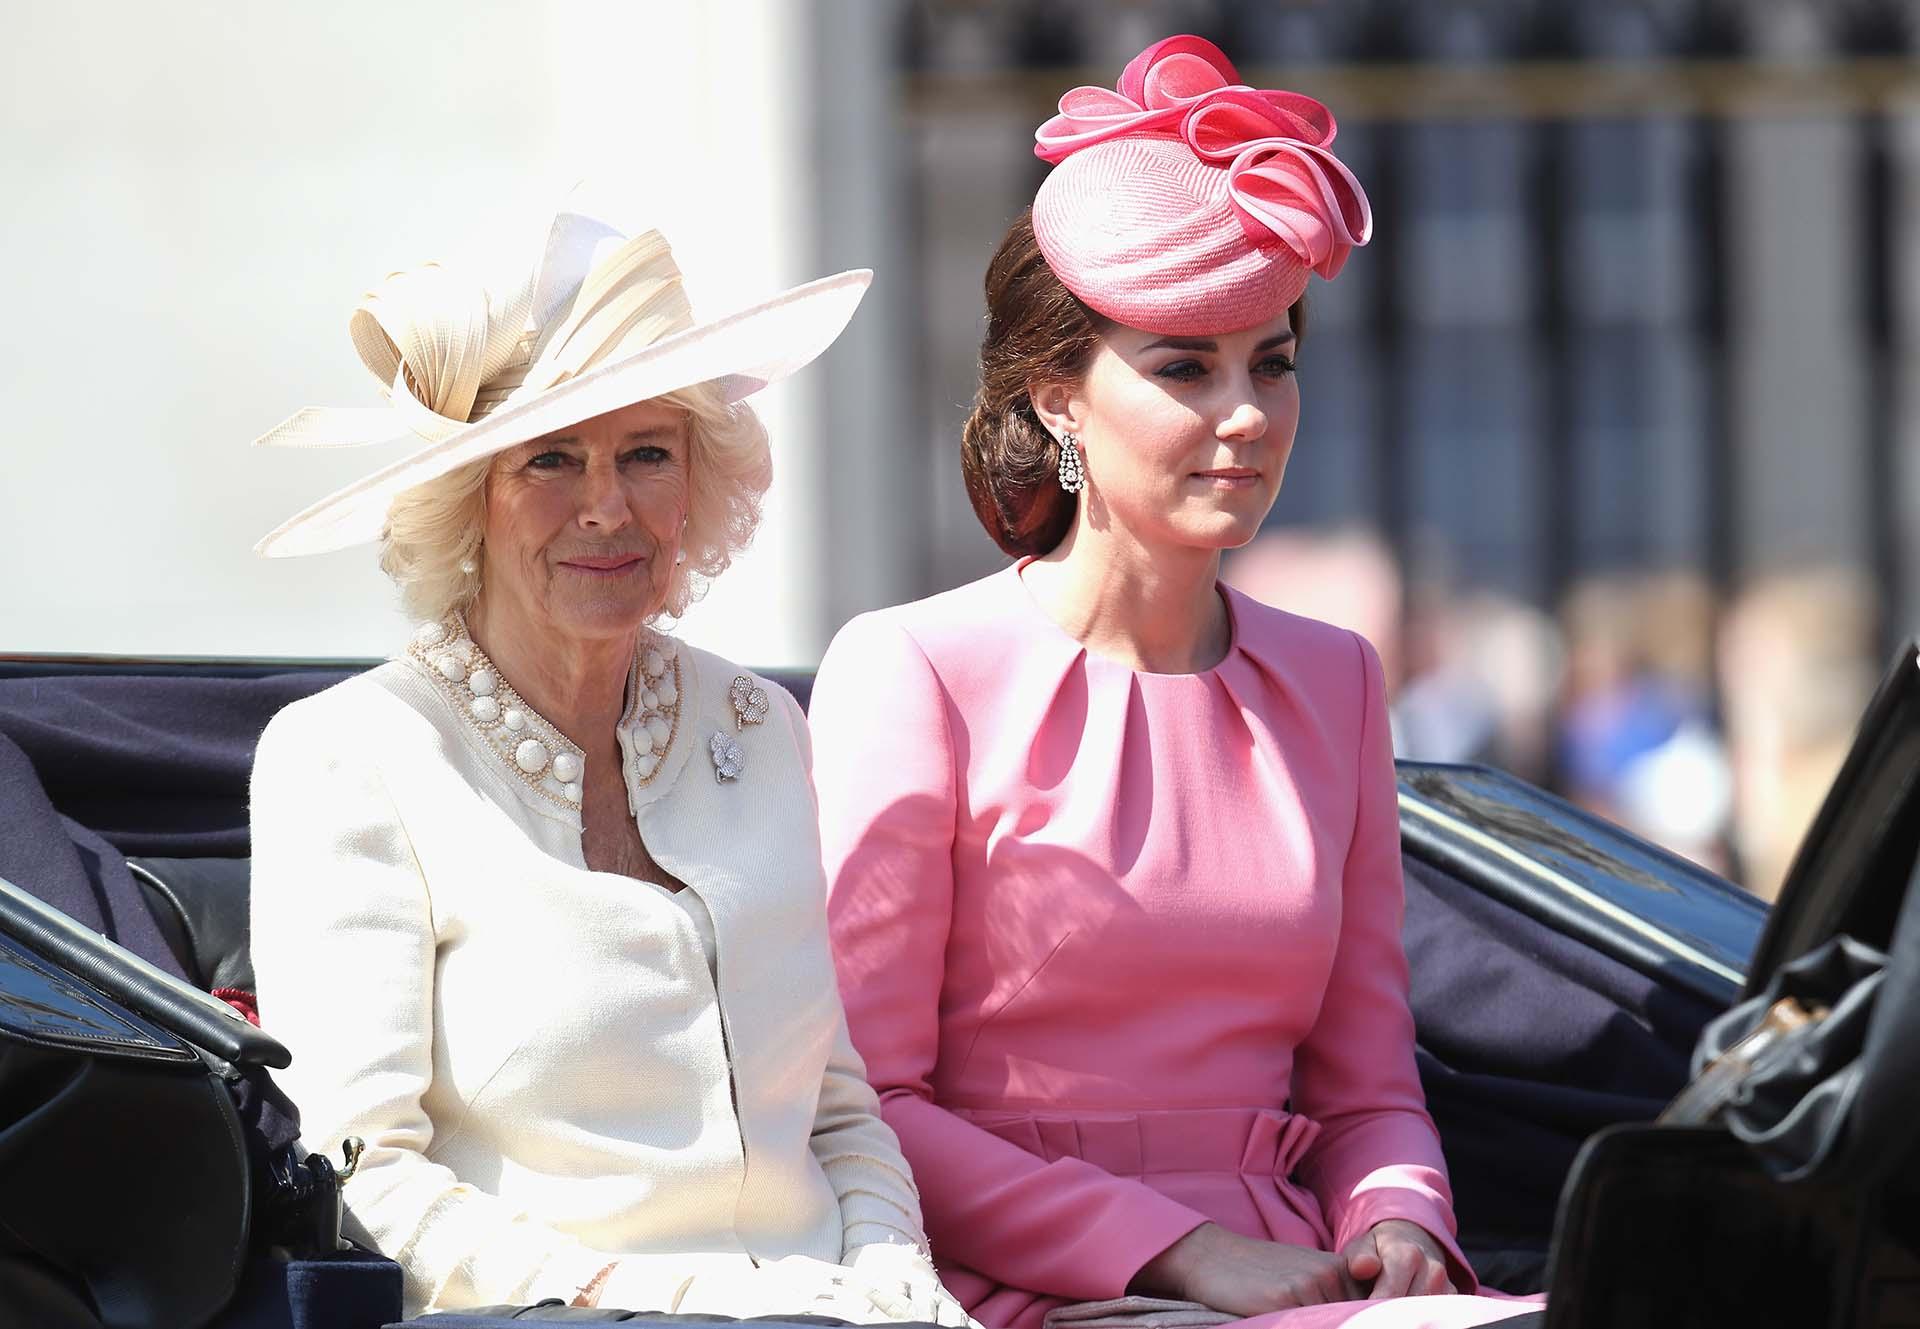 La esposa del príncipe Carlos eligió un traje claro con piedras en el cuello y un gran sombrero de lado